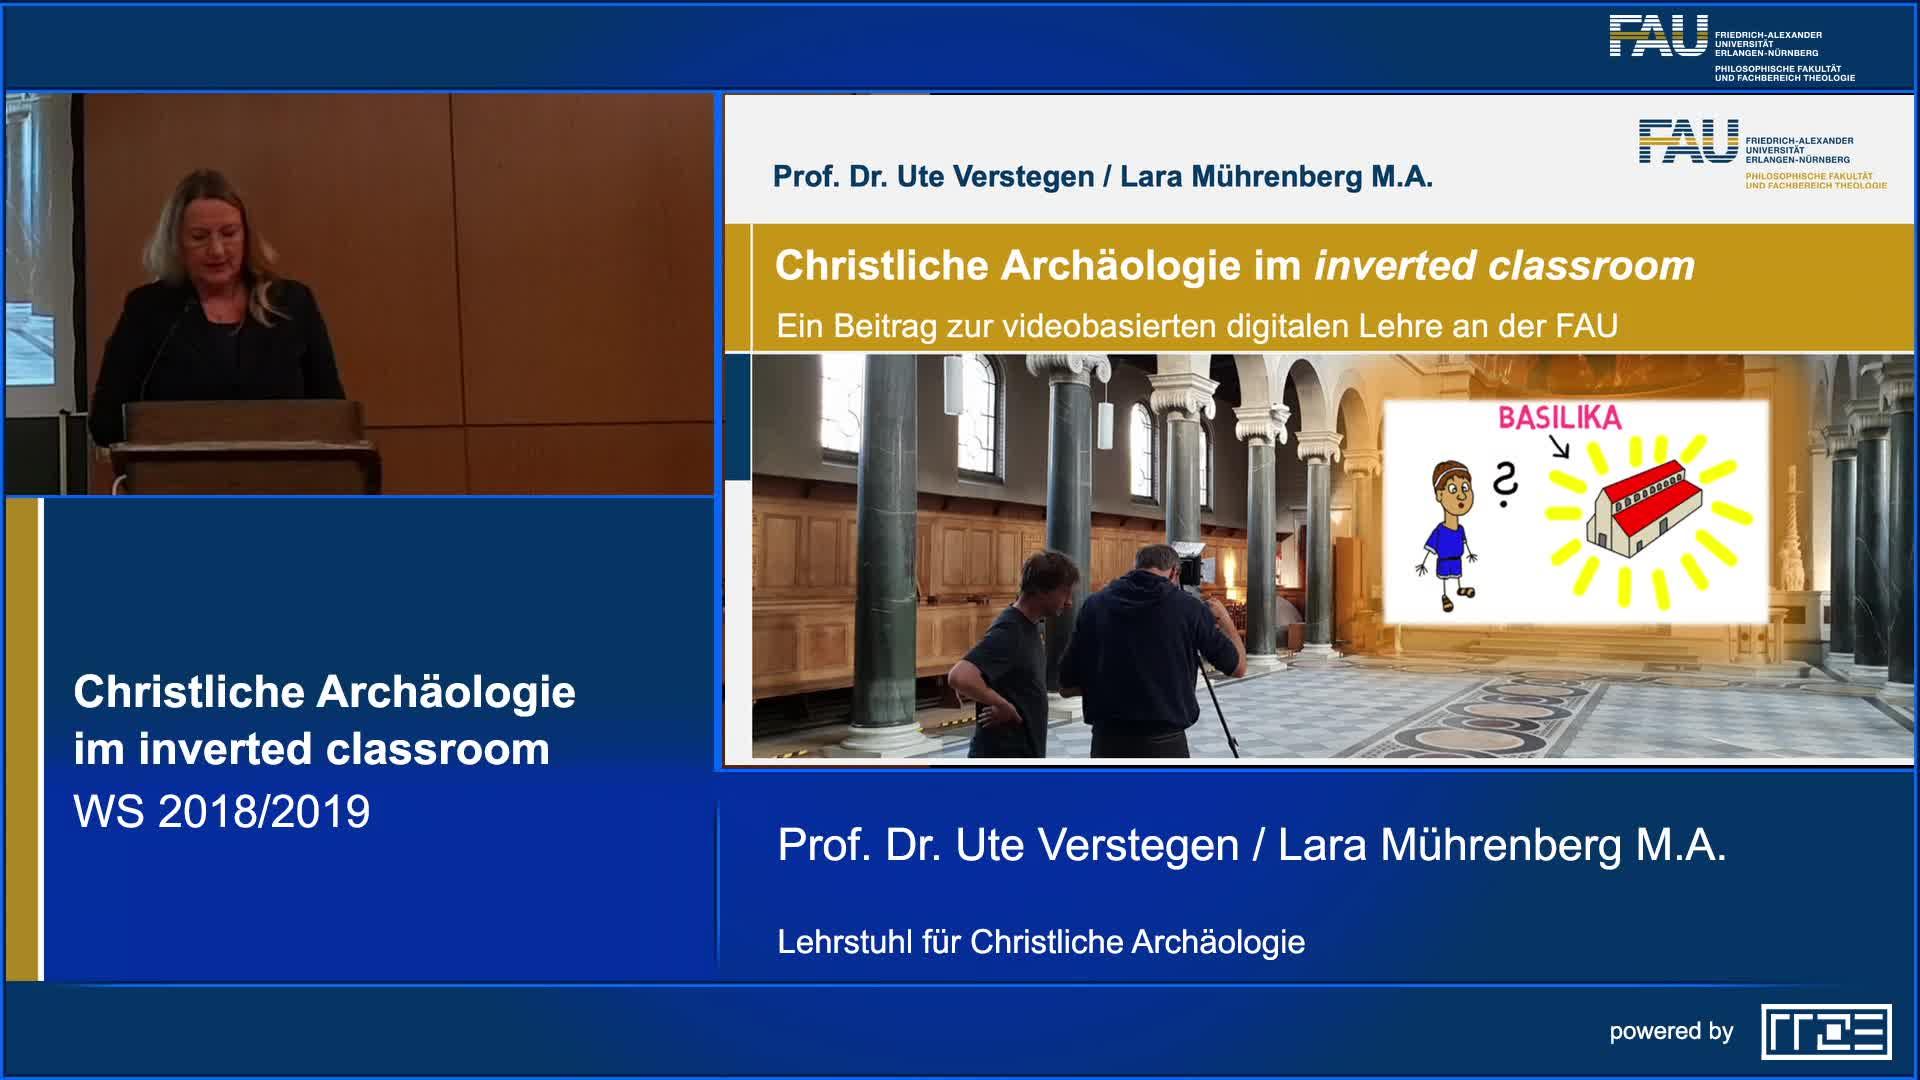 Christliche Archäologie im inverted classroom. Ein Projekt zur videobasierten digitalen Lehre an der FAU preview image